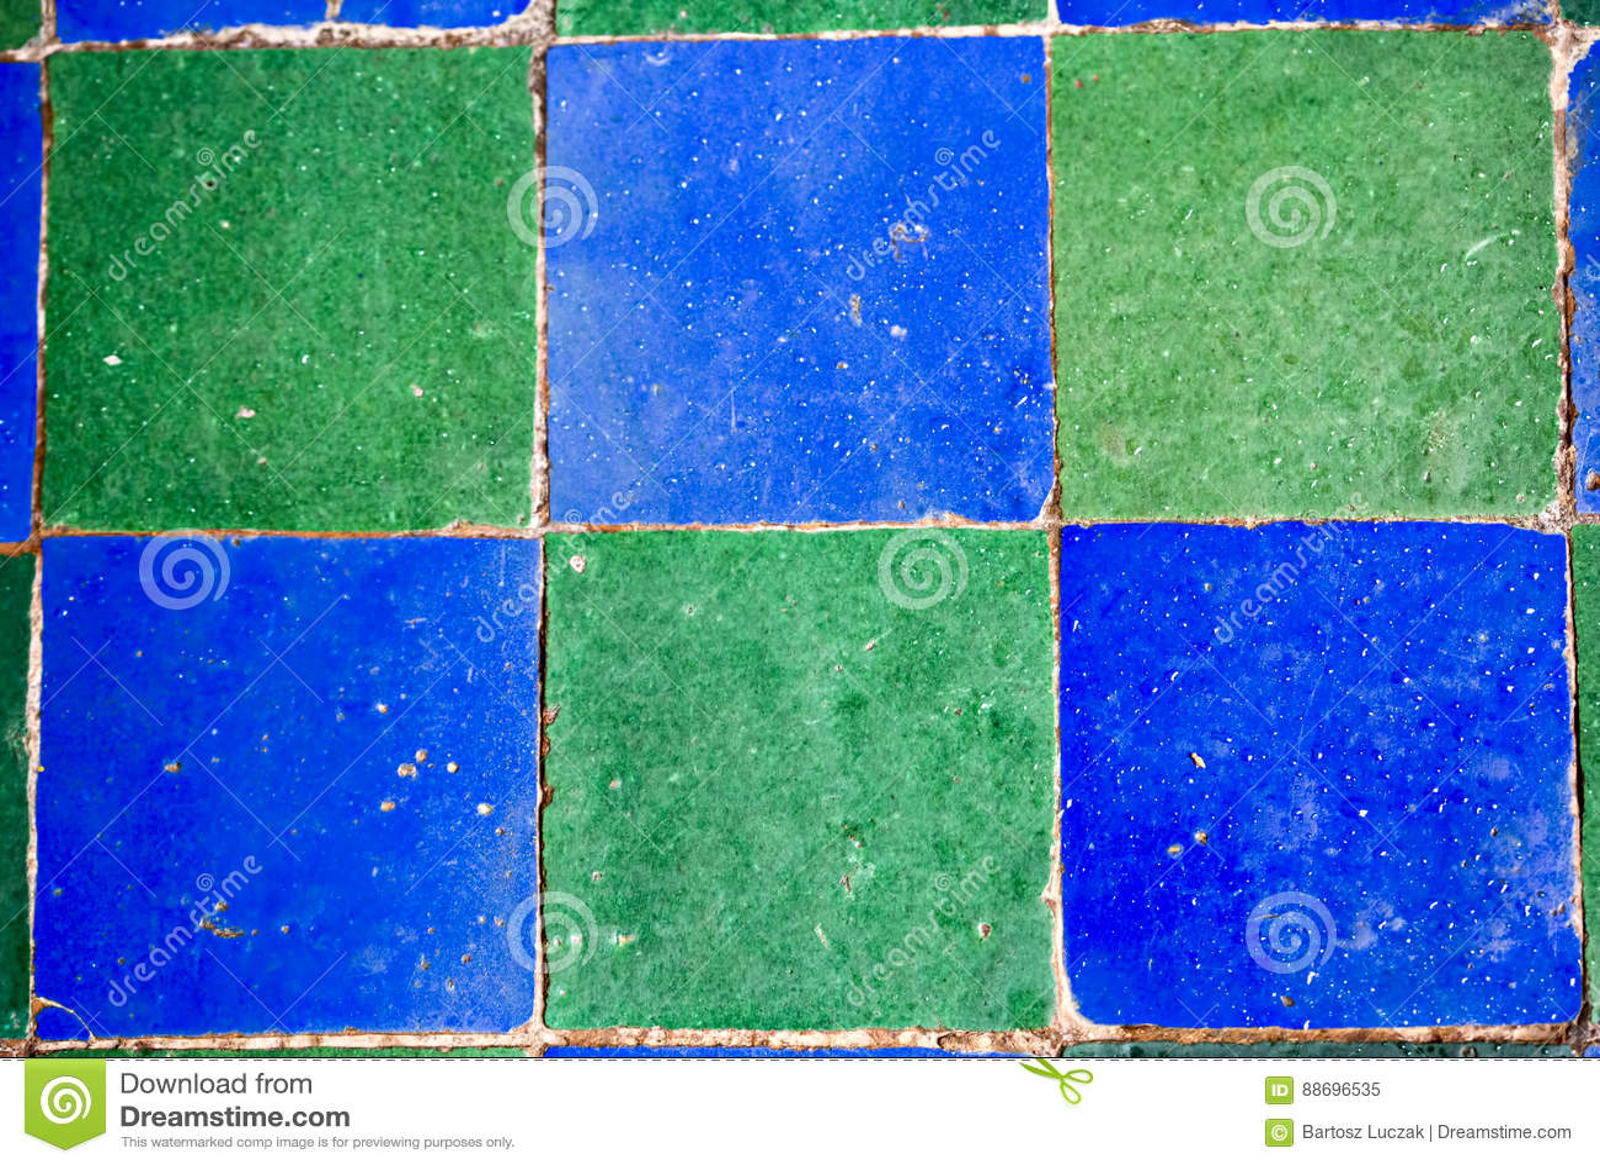 蓝绿色锦砖